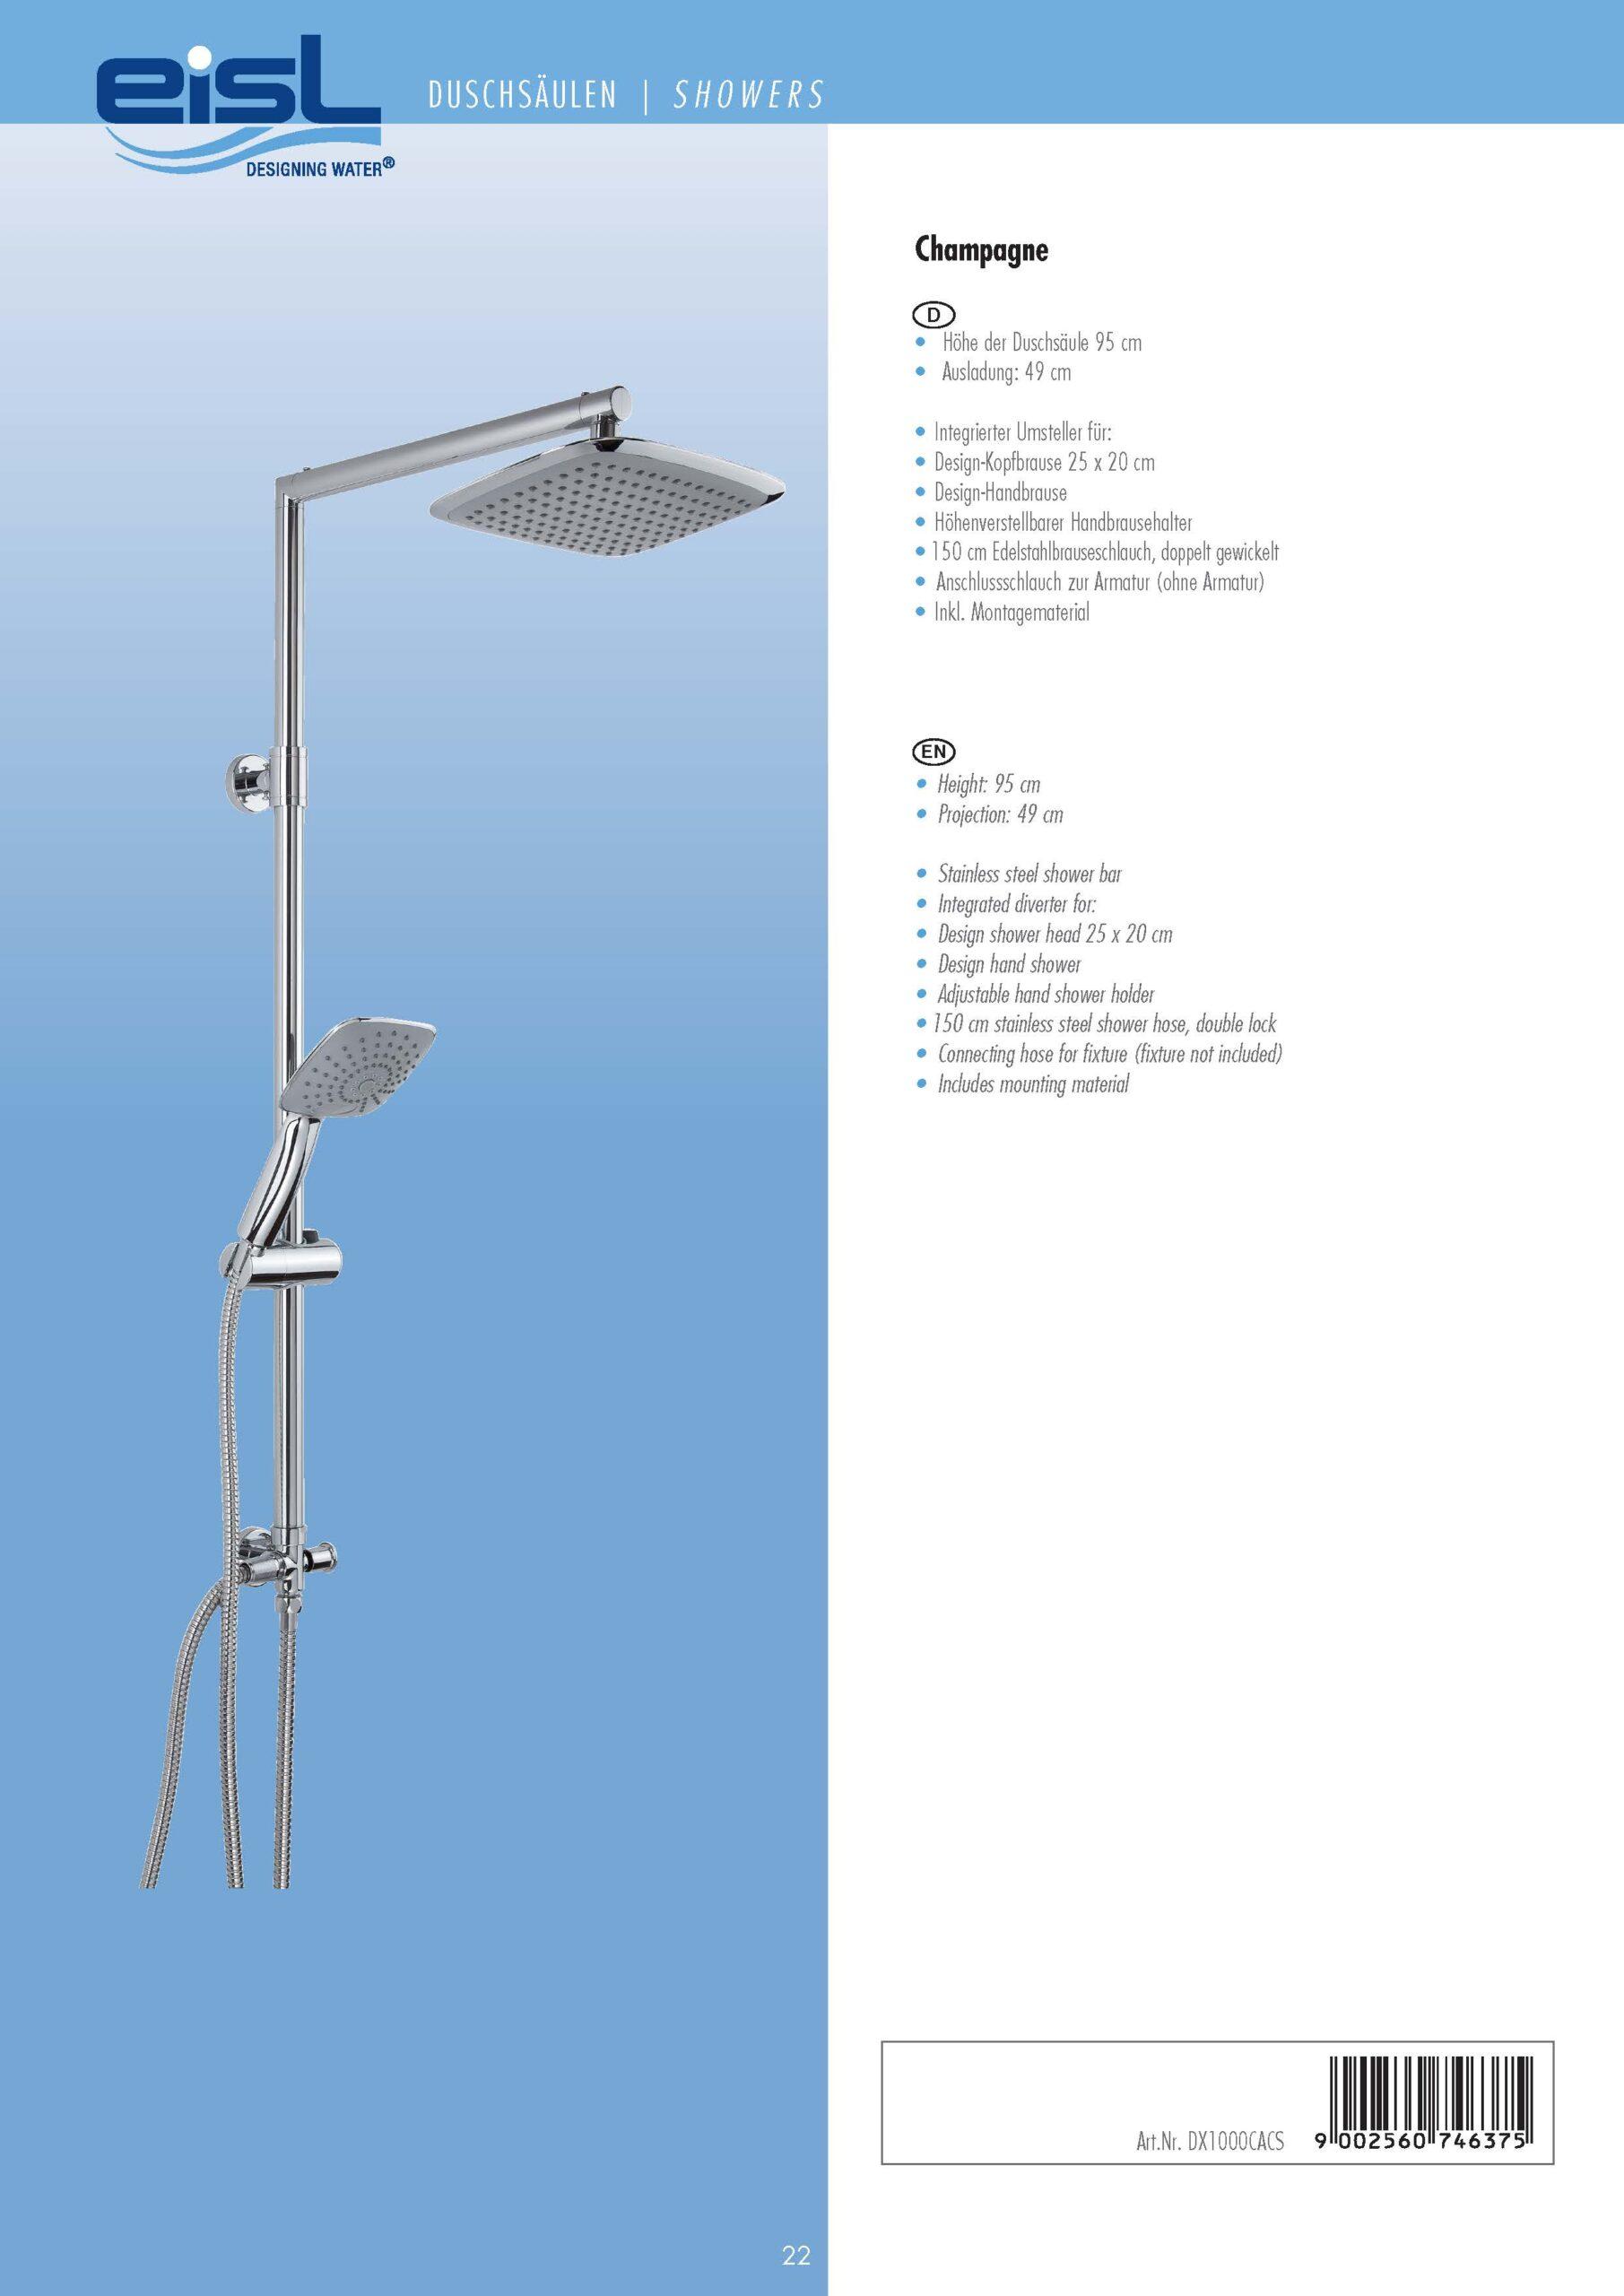 Full Size of Eisl Designing Water Katalog Duschsulen Duschsäulen Dusche Duschsäulen